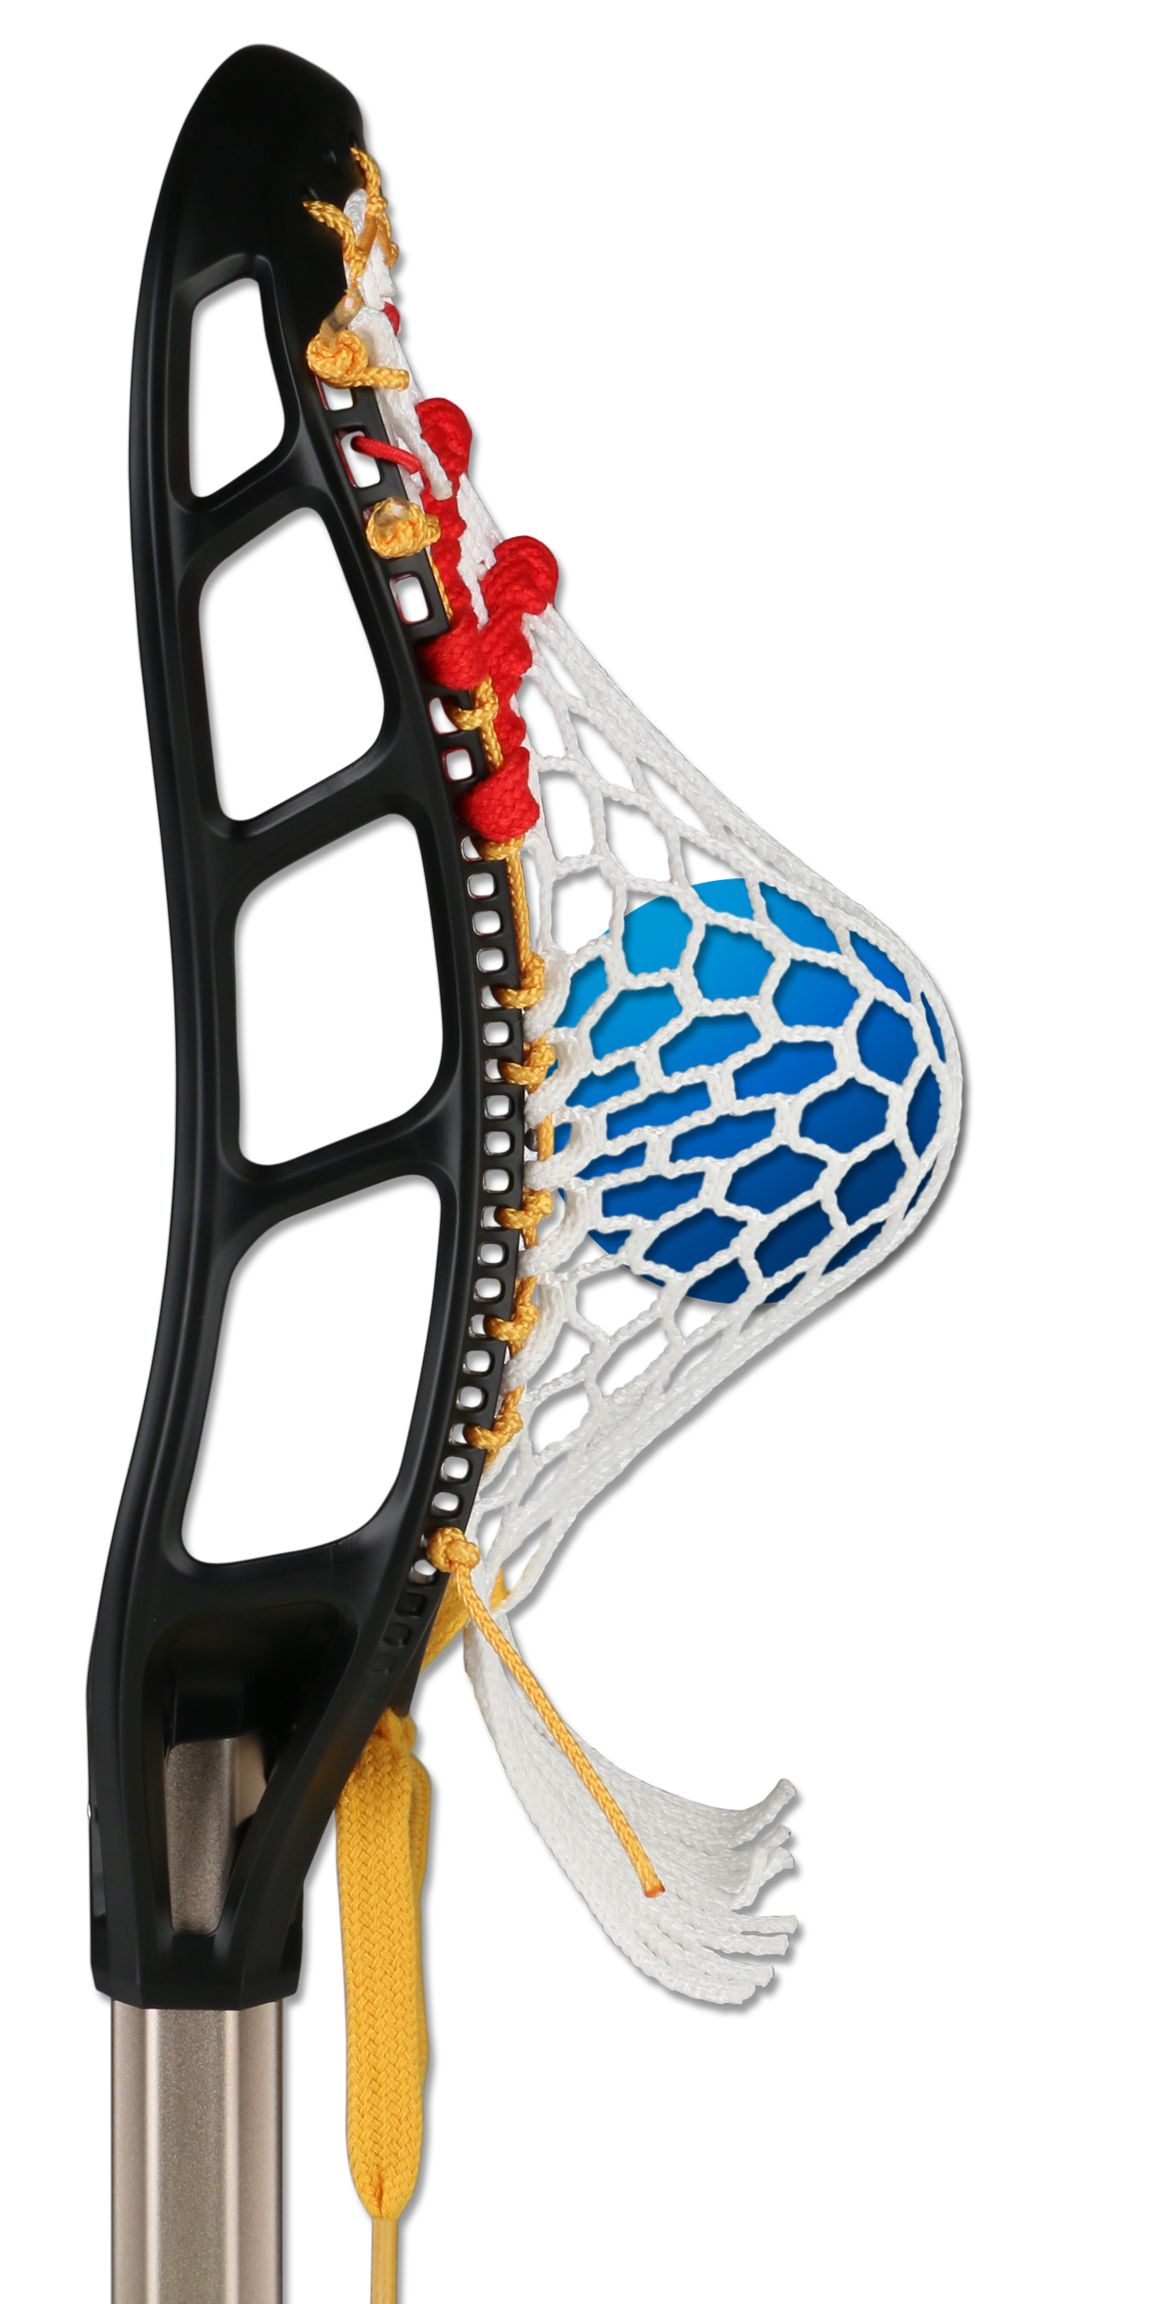 Stringking Mark 2v Mid Pocket Lacrosse Sticks Lacrosse Headed